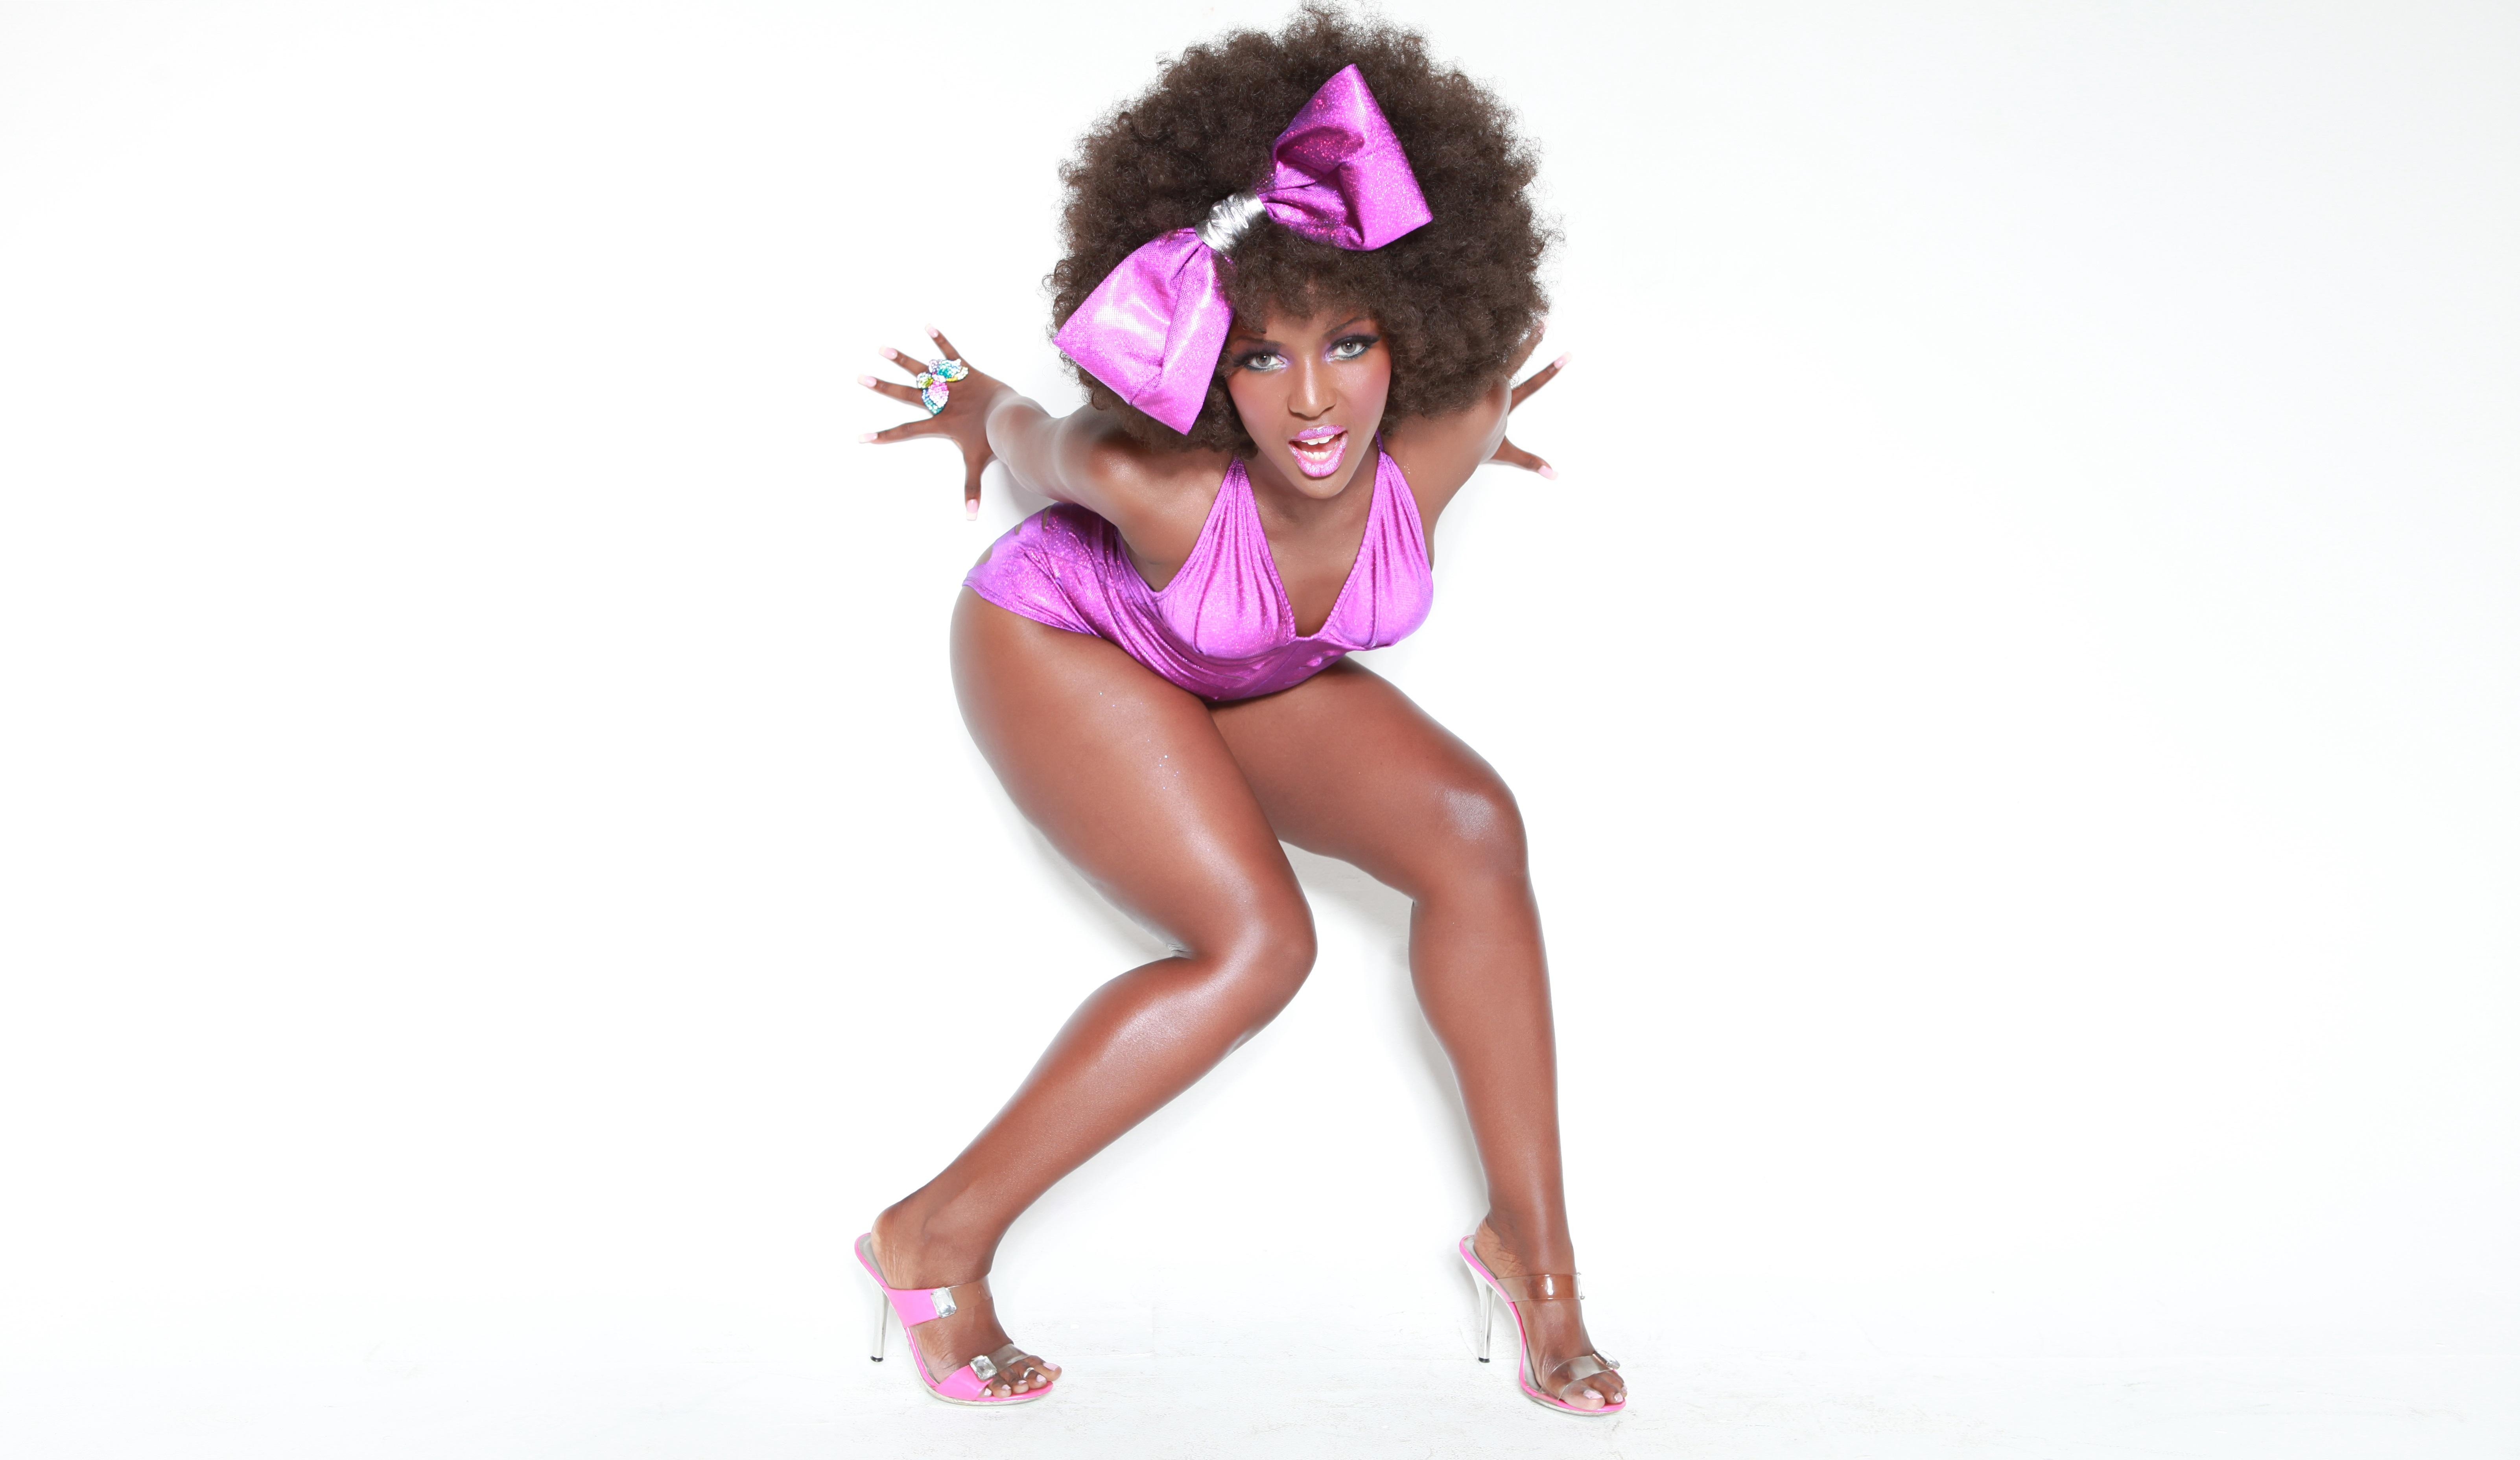 Танец жопой негритянка, порно траха для мобилы